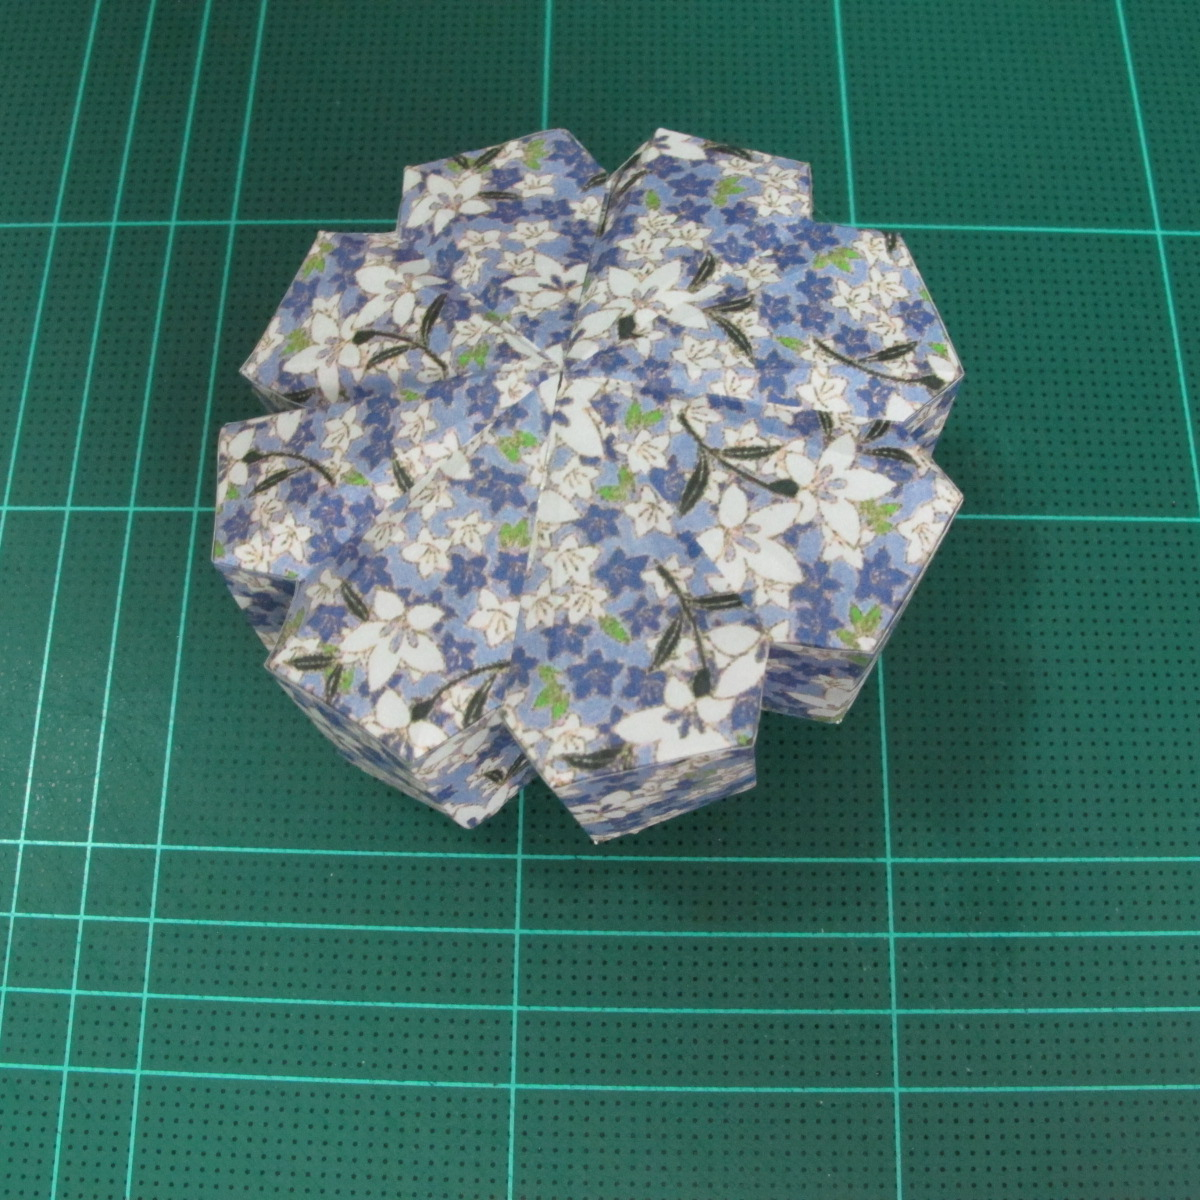 วิธีทำโมเดลกระดาษสำหรับตกแต่งทรงเรขาคณิต (Decor Geometry Papercraft Model) 010